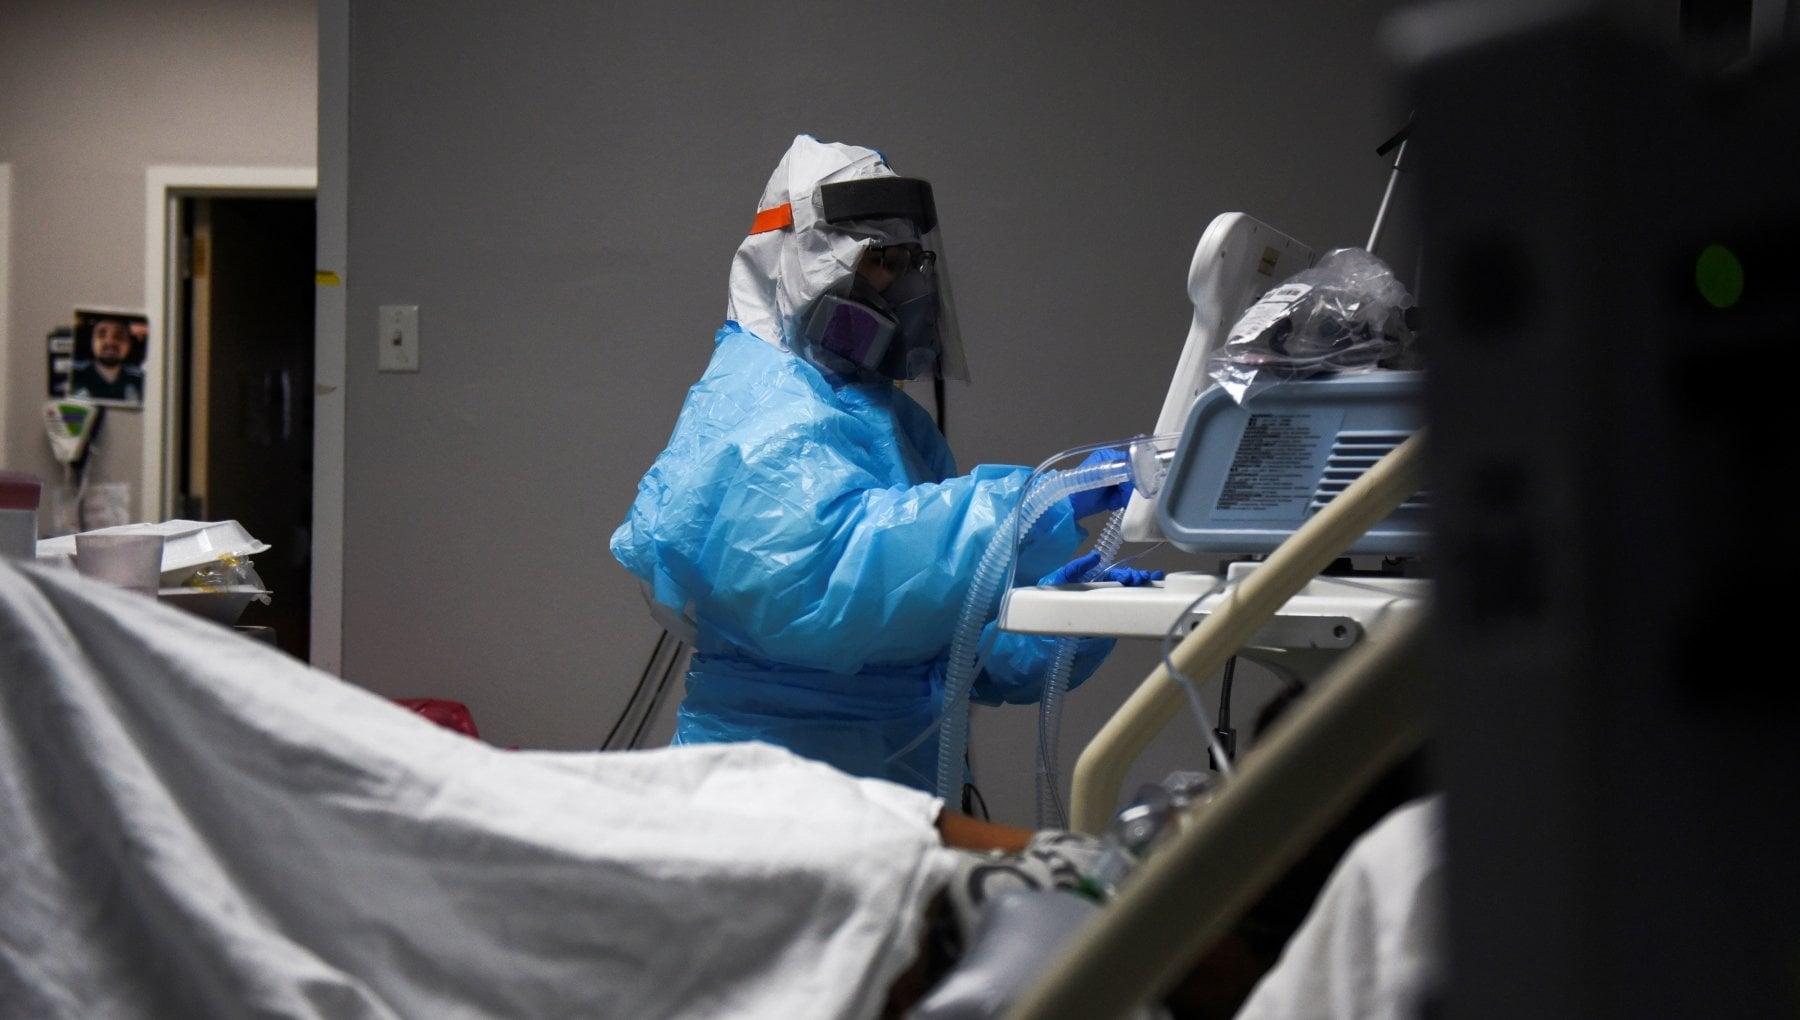 072339756 4878ed73 40d7 482d 85c9 93ea0550aa1e - Coronavirus nel mondo: oltre 15 mila morti in Canada, New York proroga lo stop agli sfratti